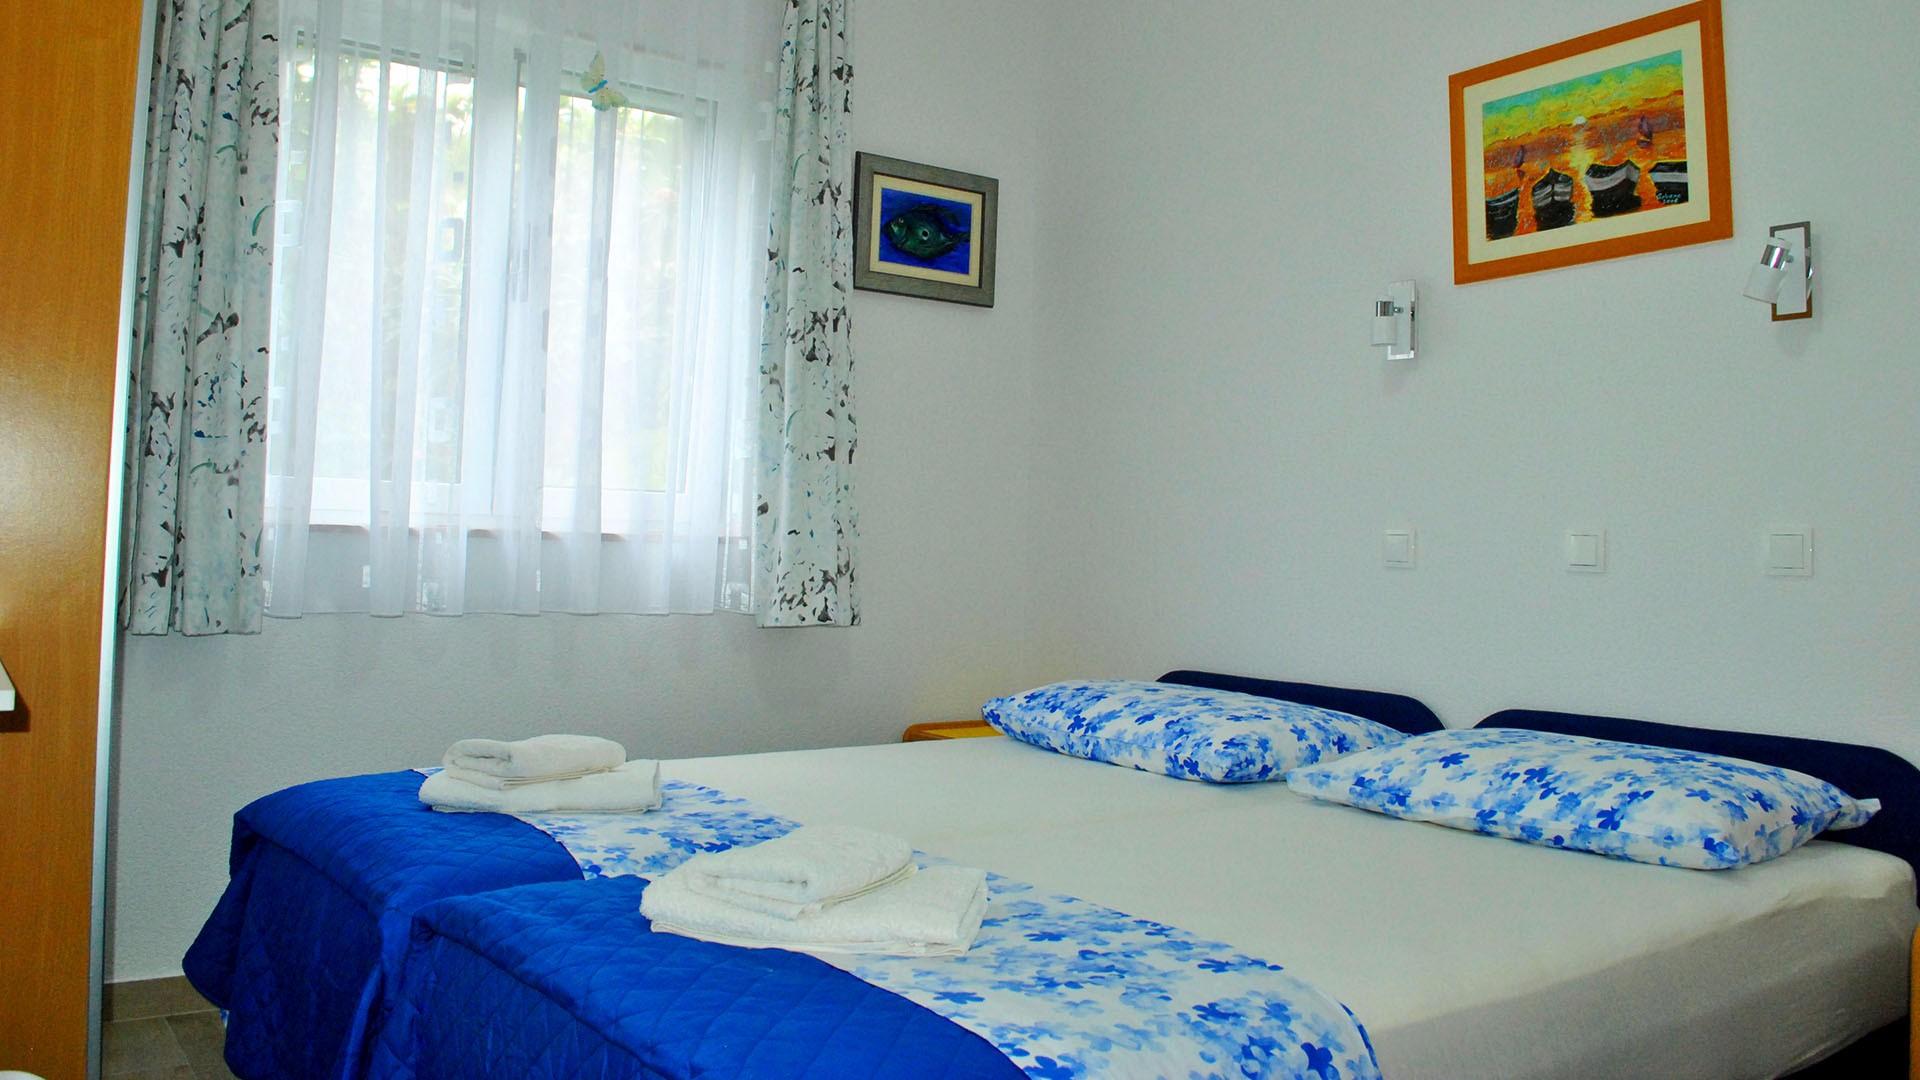 ApartmentA7 bedroom2